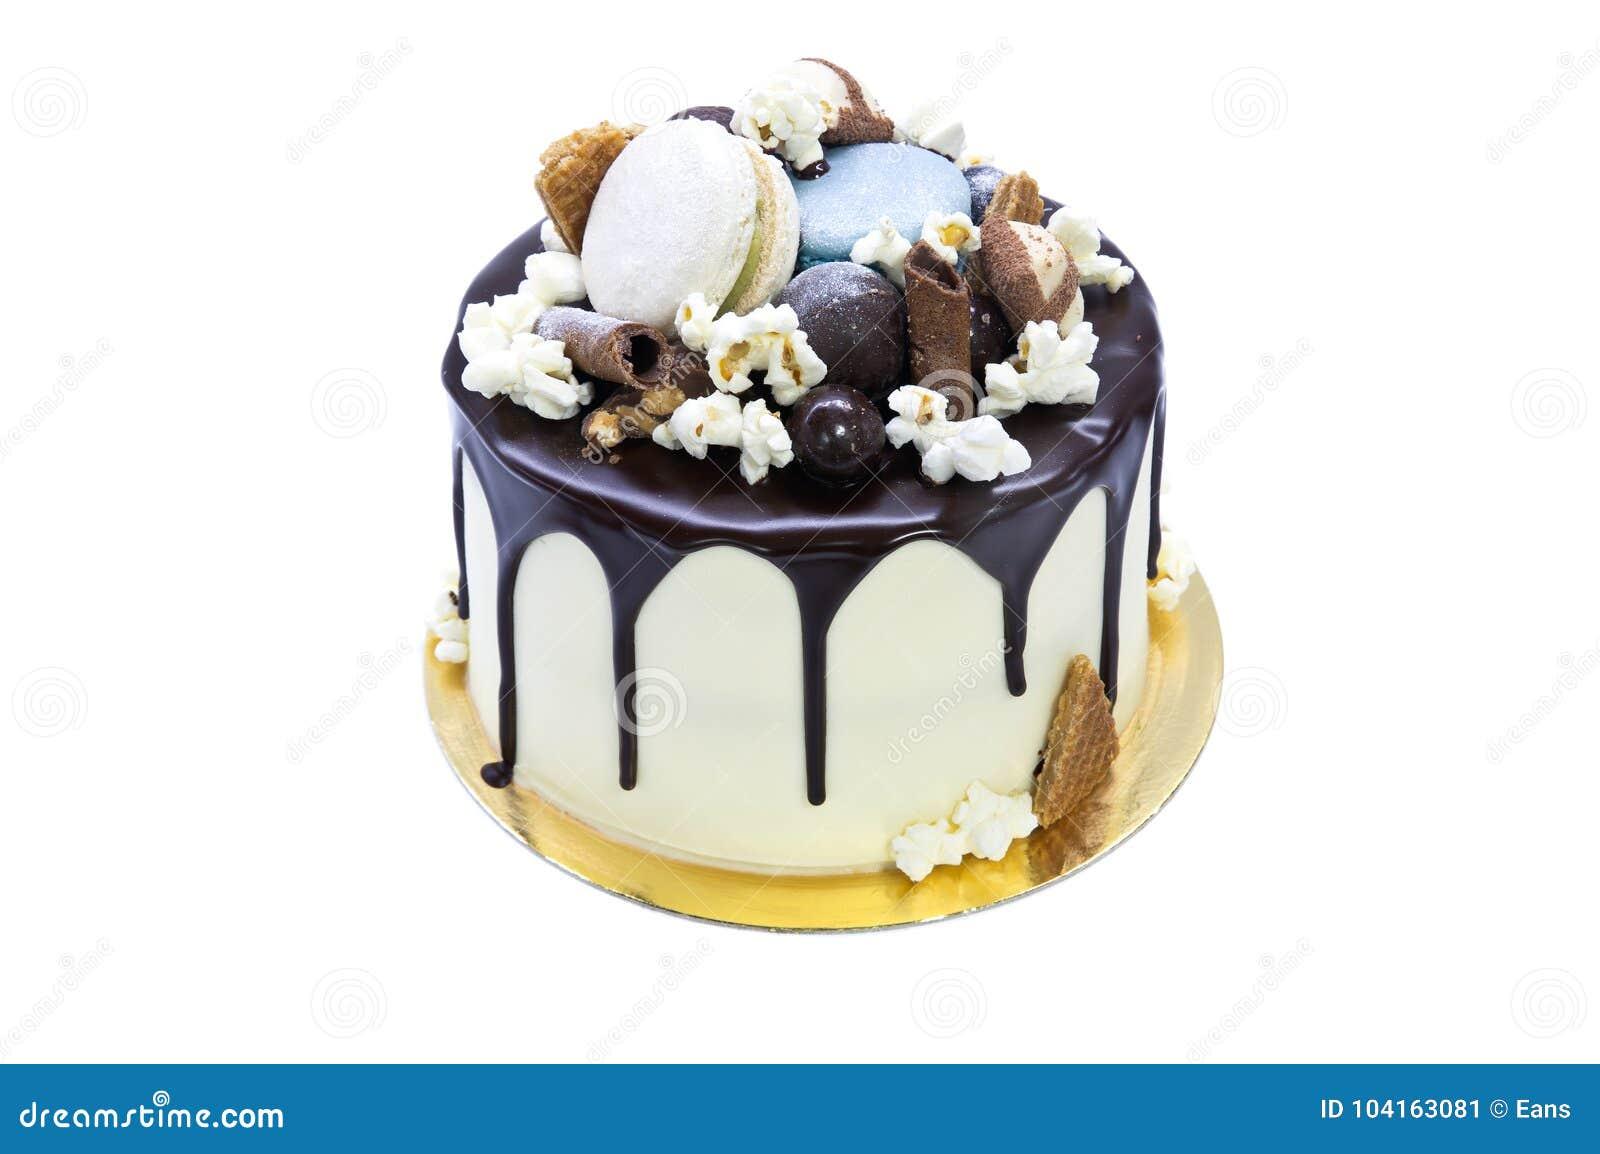 Geschmackvoller Selbst Gemachter Kuchen Mit Schokolade Uber Weissem